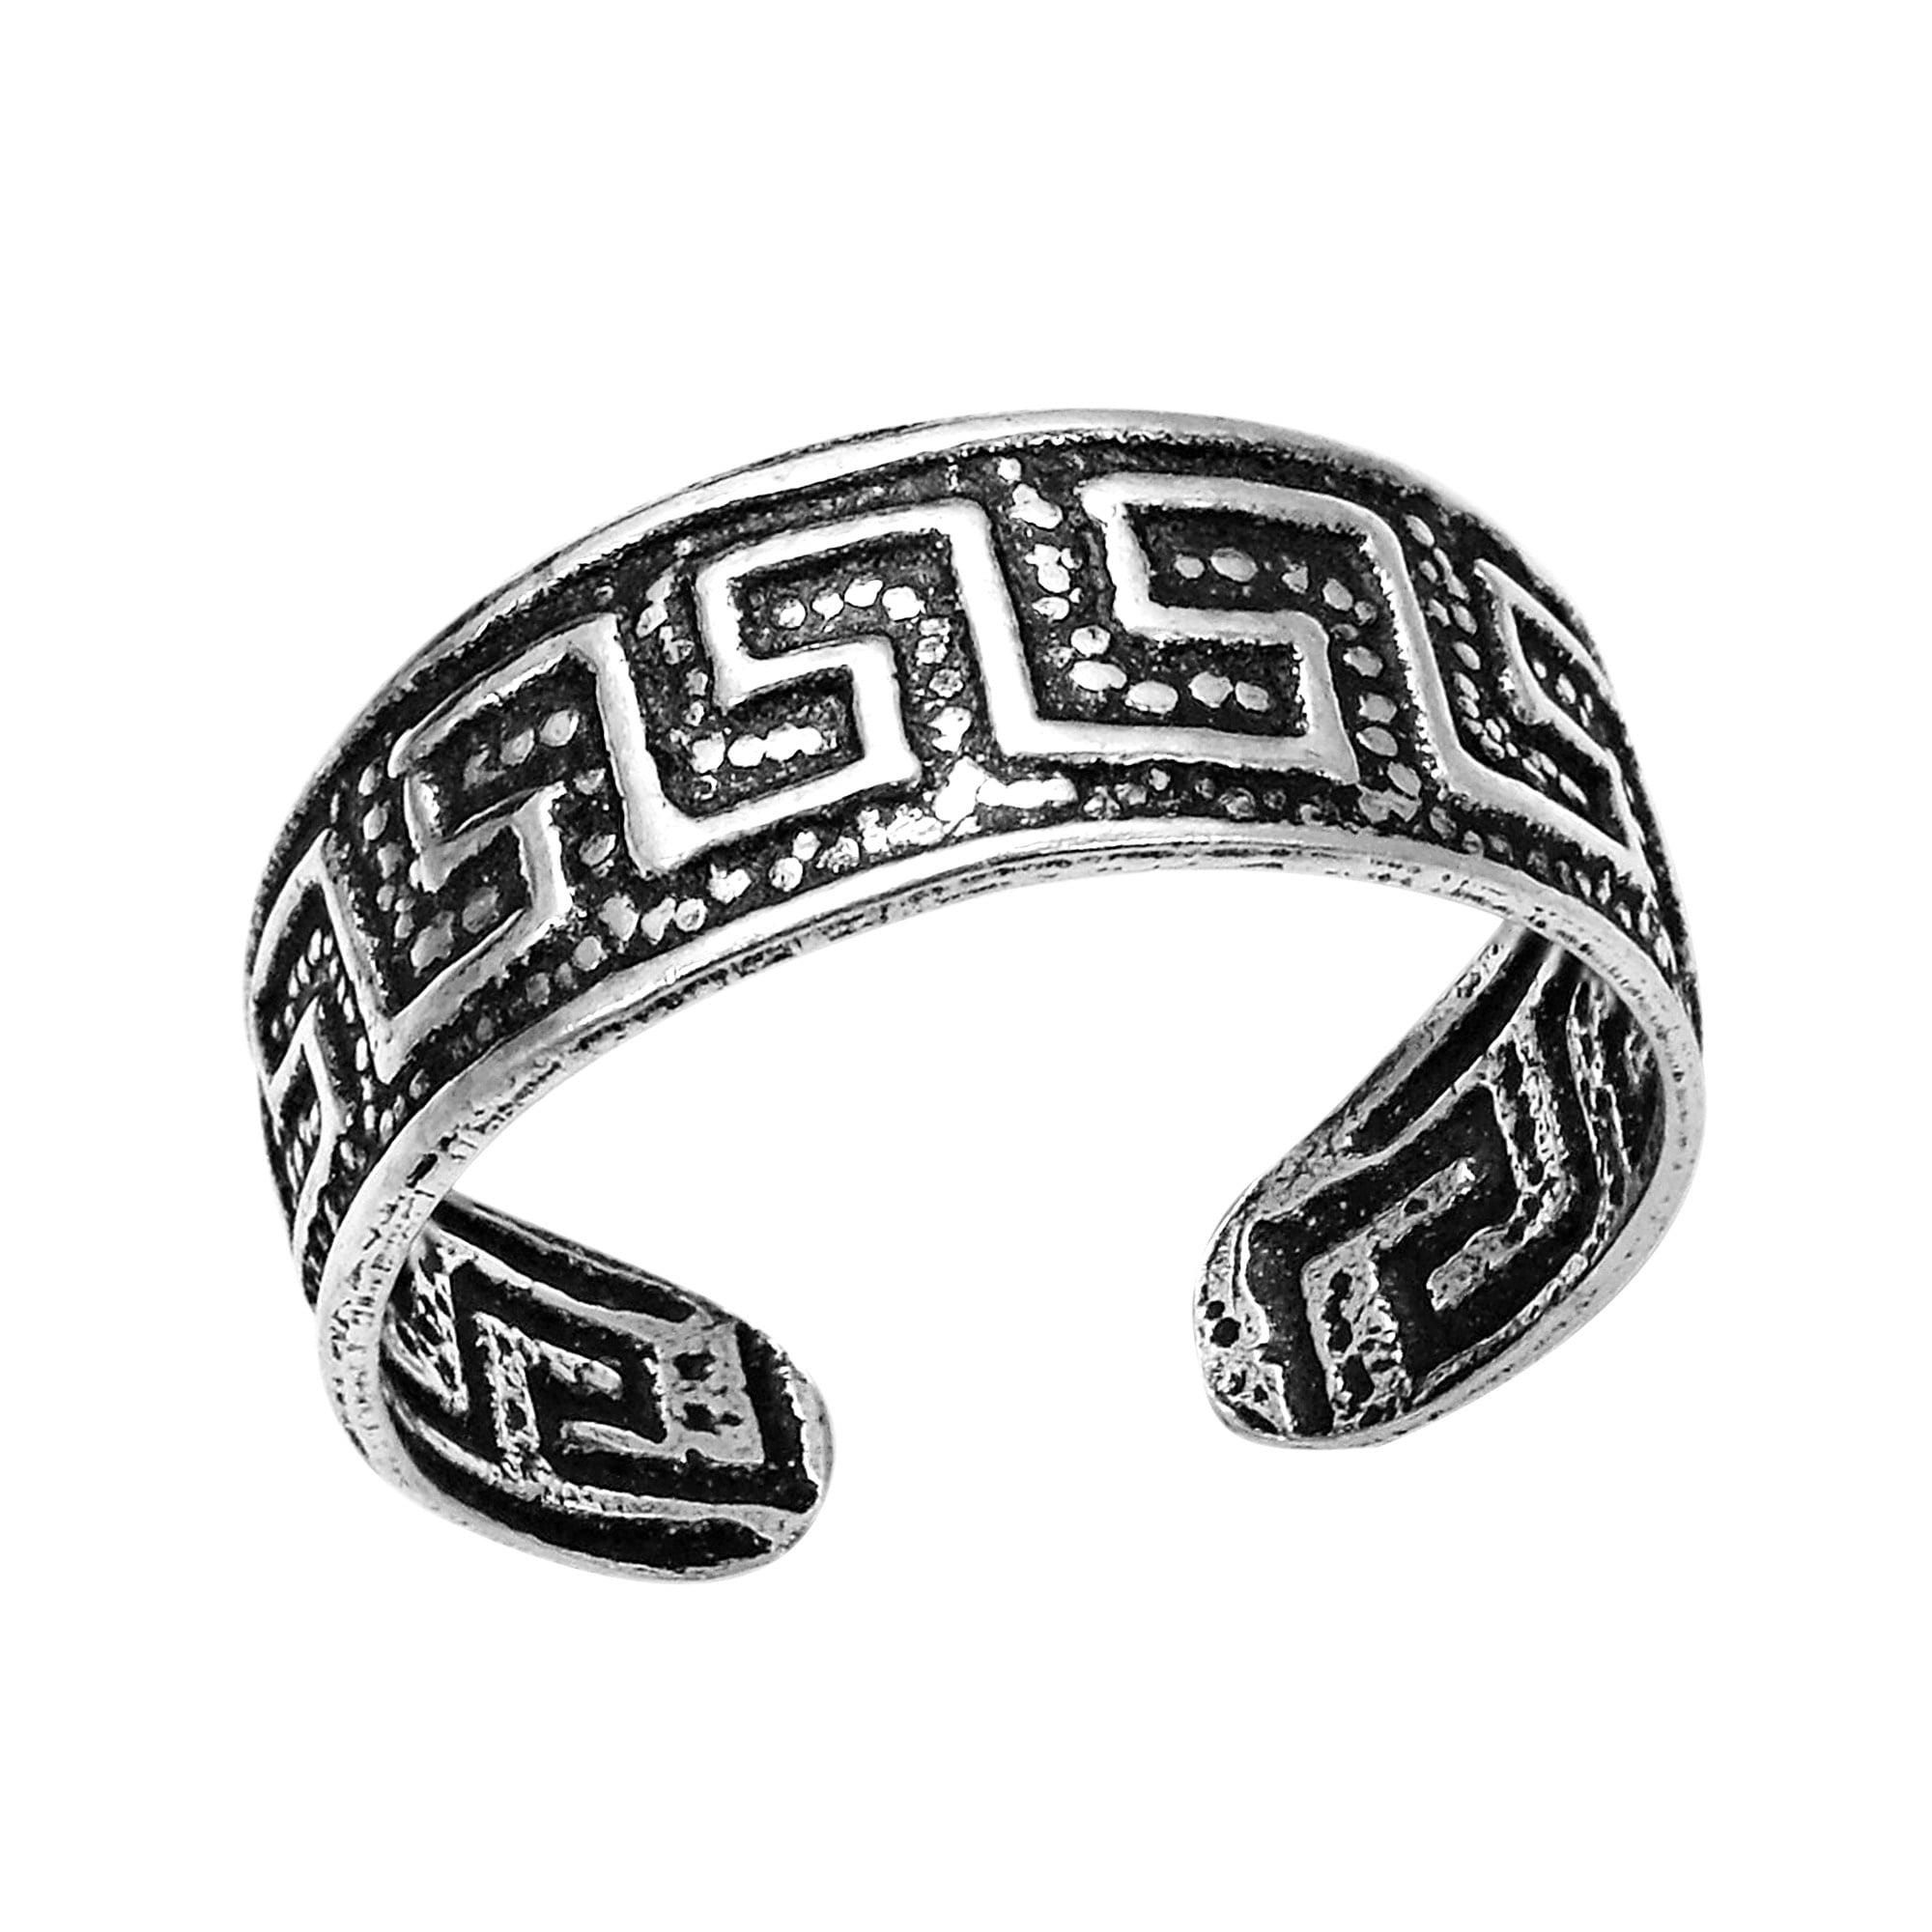 Link Greek Key Maze Pattern 925 Sterling Silver Toe Ring Or Pinky